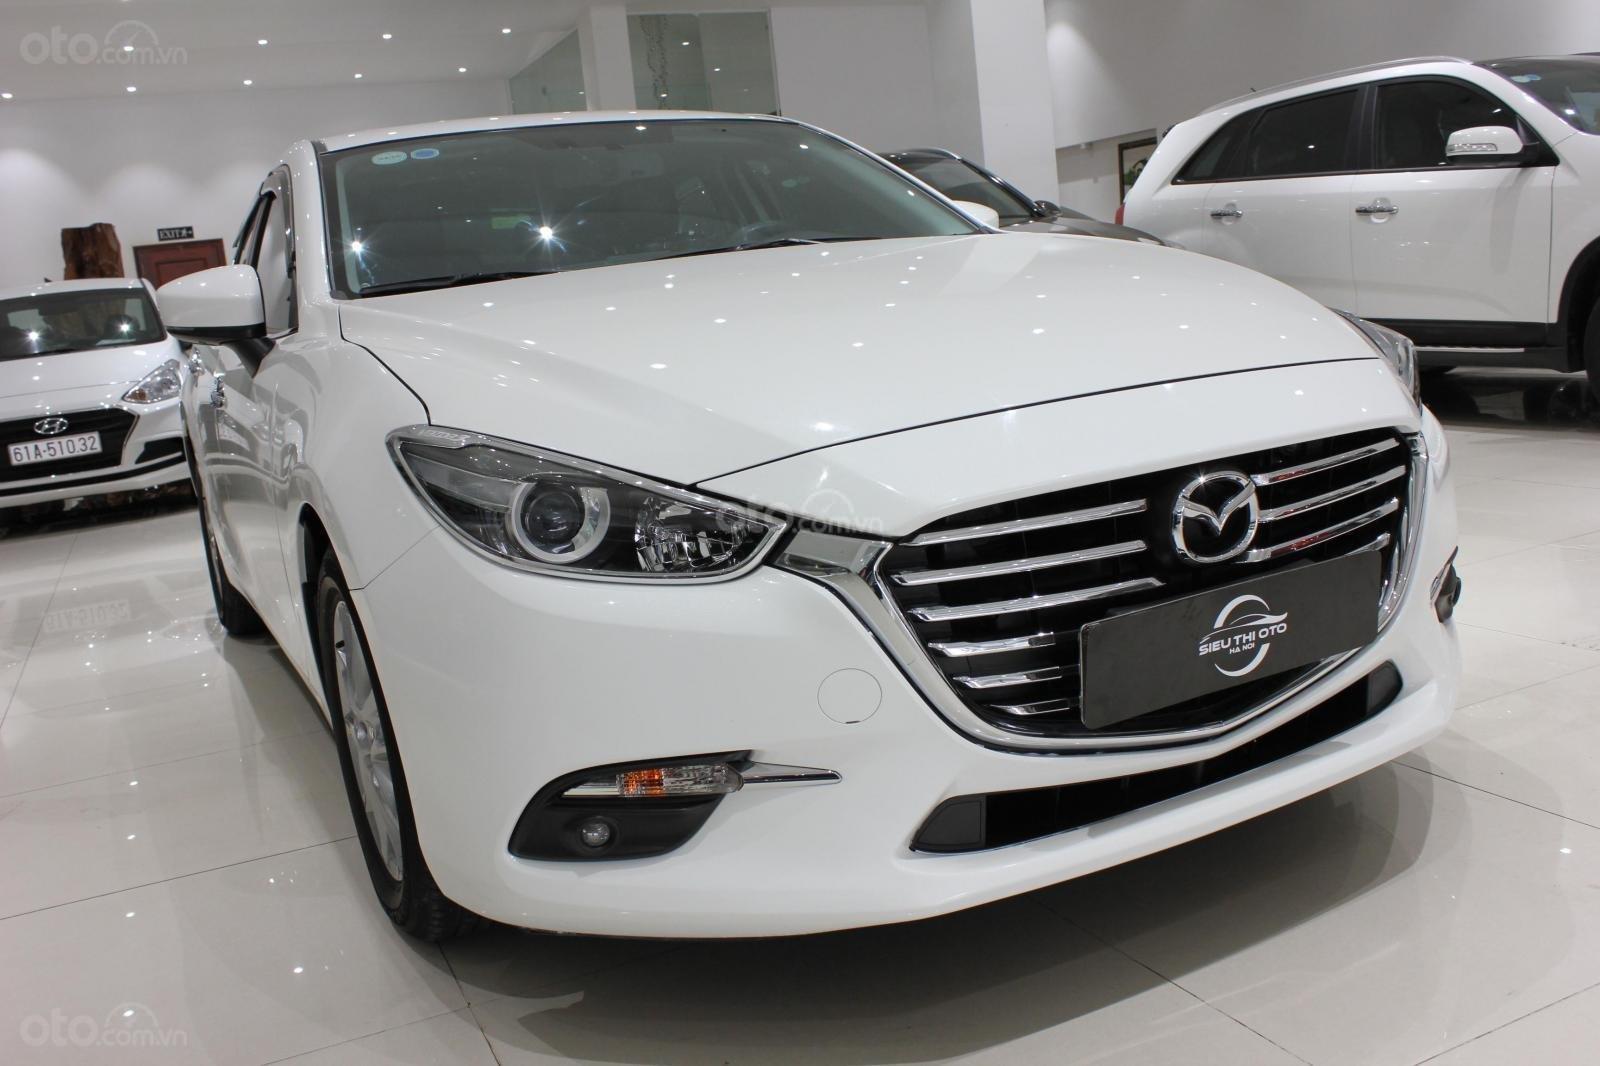 Chính chủ cần bán Mazda 3 2017 bản hatchback màu trắng, số tự động, full option (2)